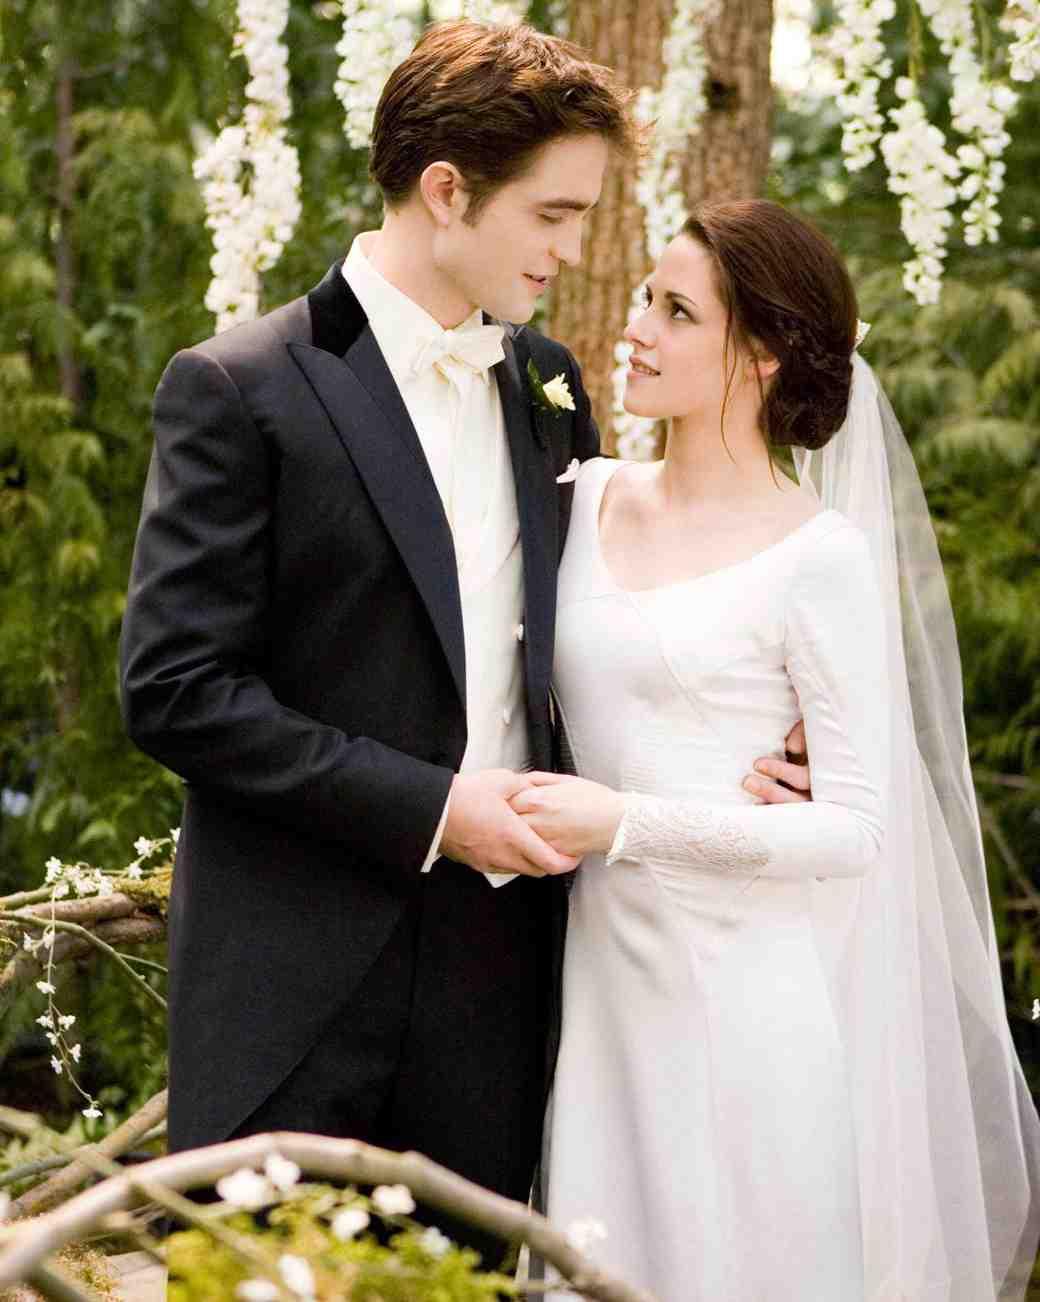 breaking-dawn-wedding-0515